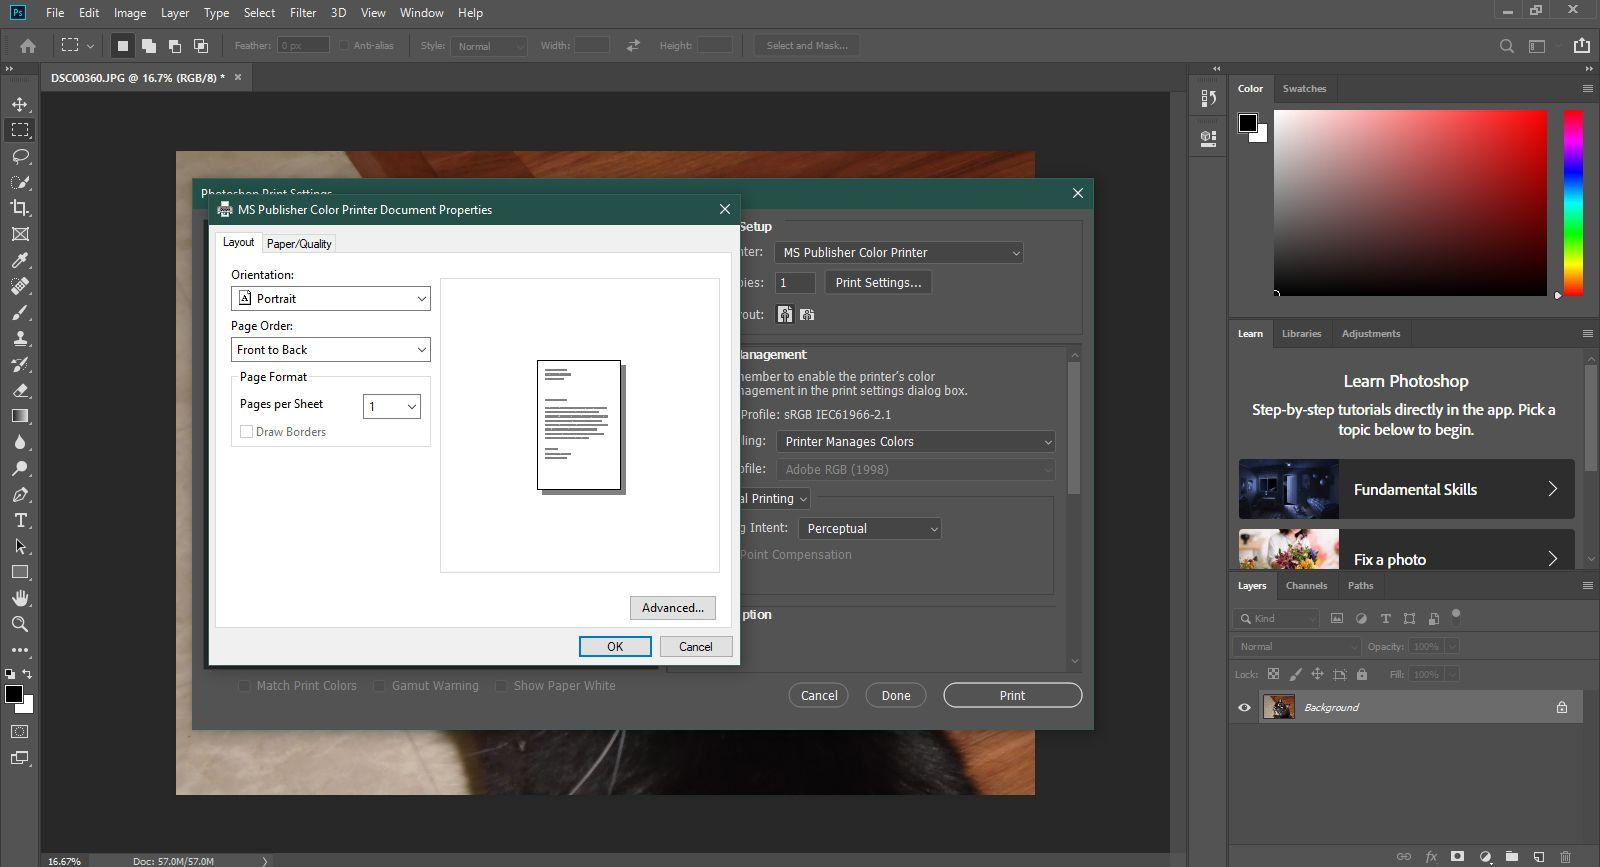 Understanding Print in Photoshop